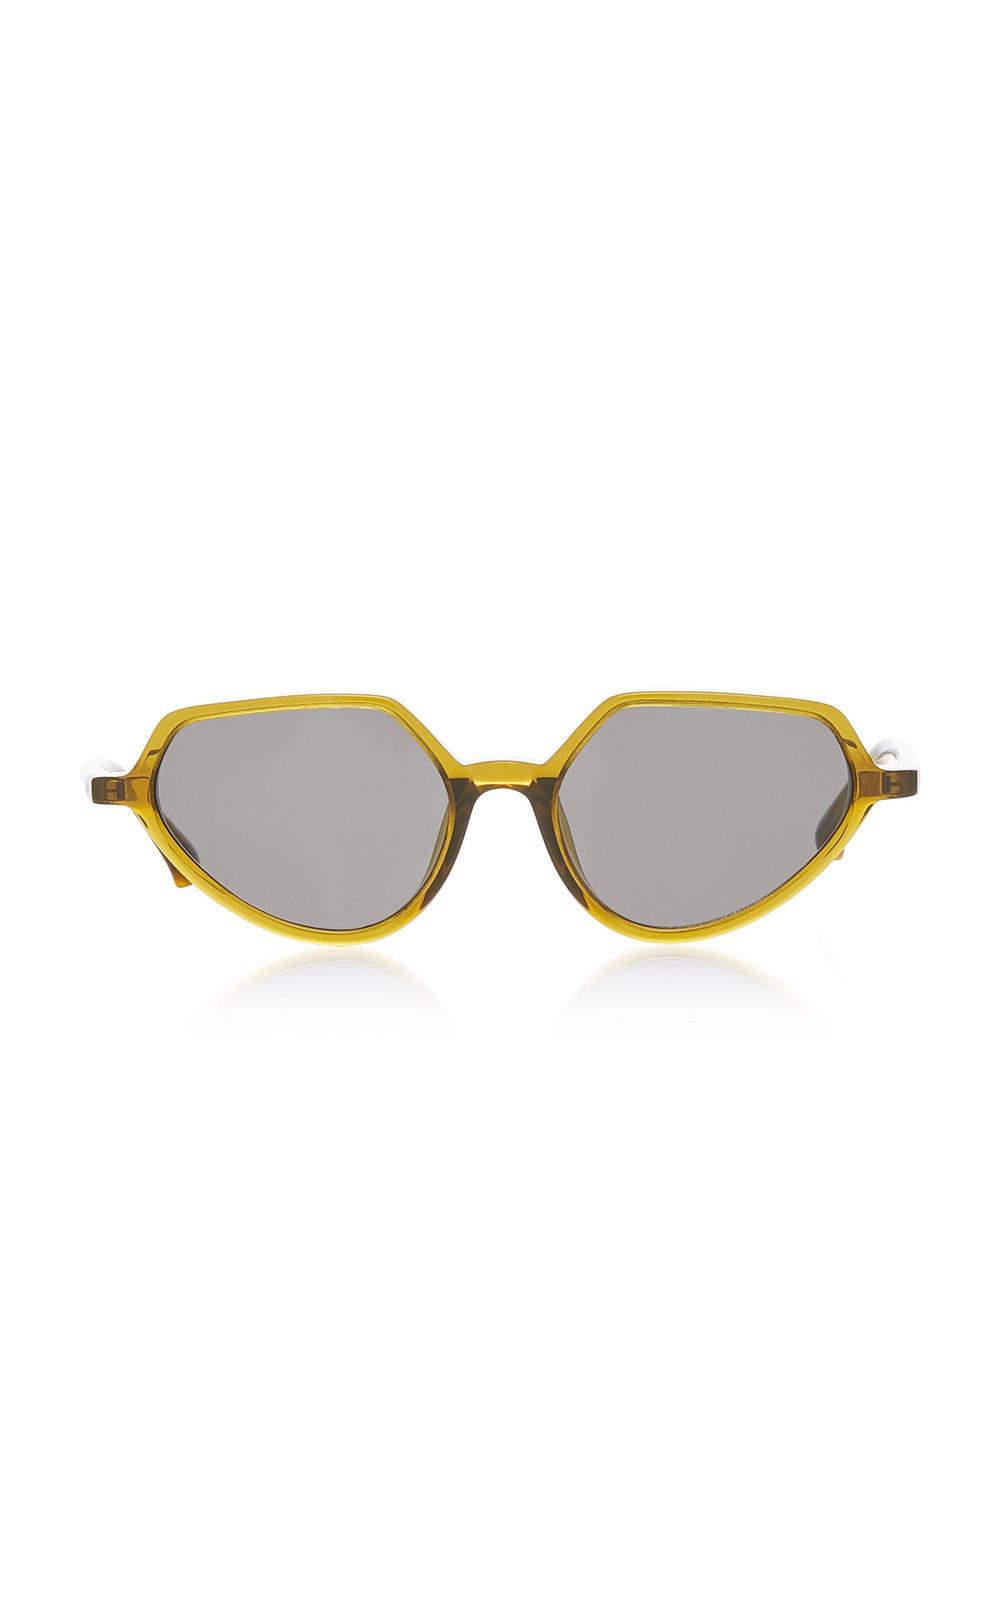 Dries Van Noten Round Acetate Sunglasses in yellow